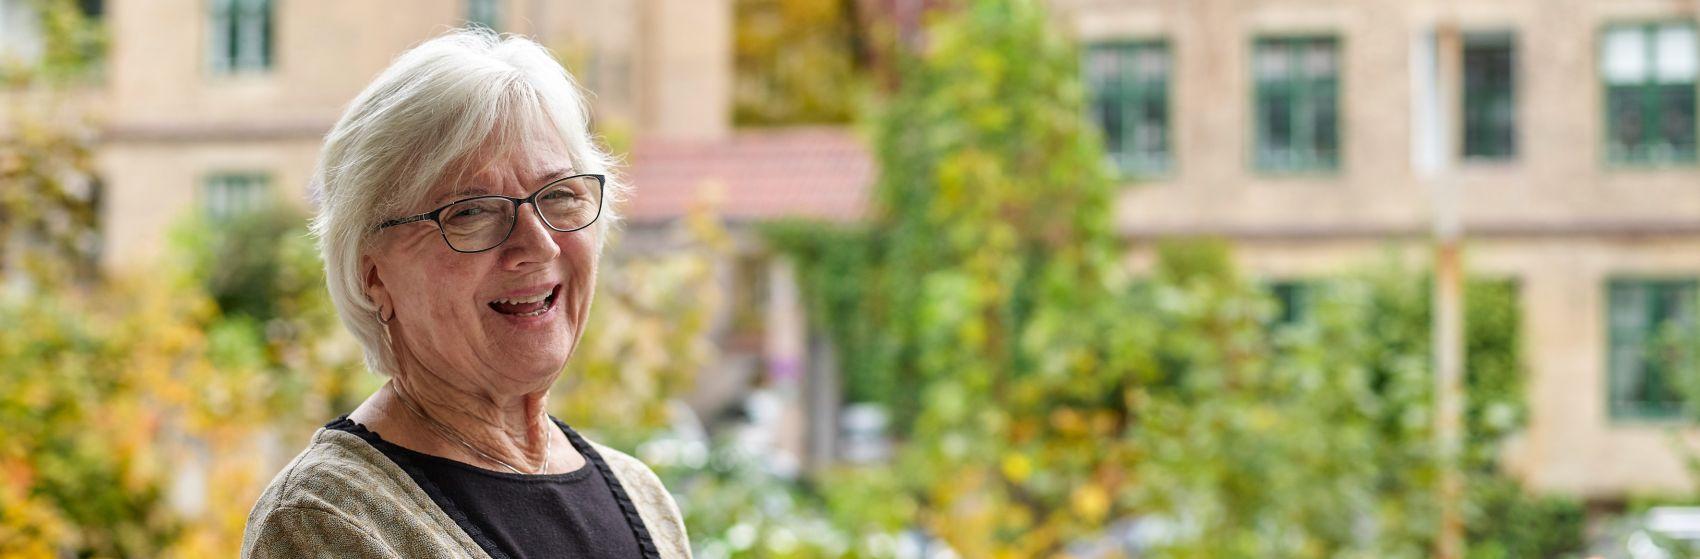 En eldre kvinne smiler til kameraet, hun står utenfor inngangen til Gabels Park.